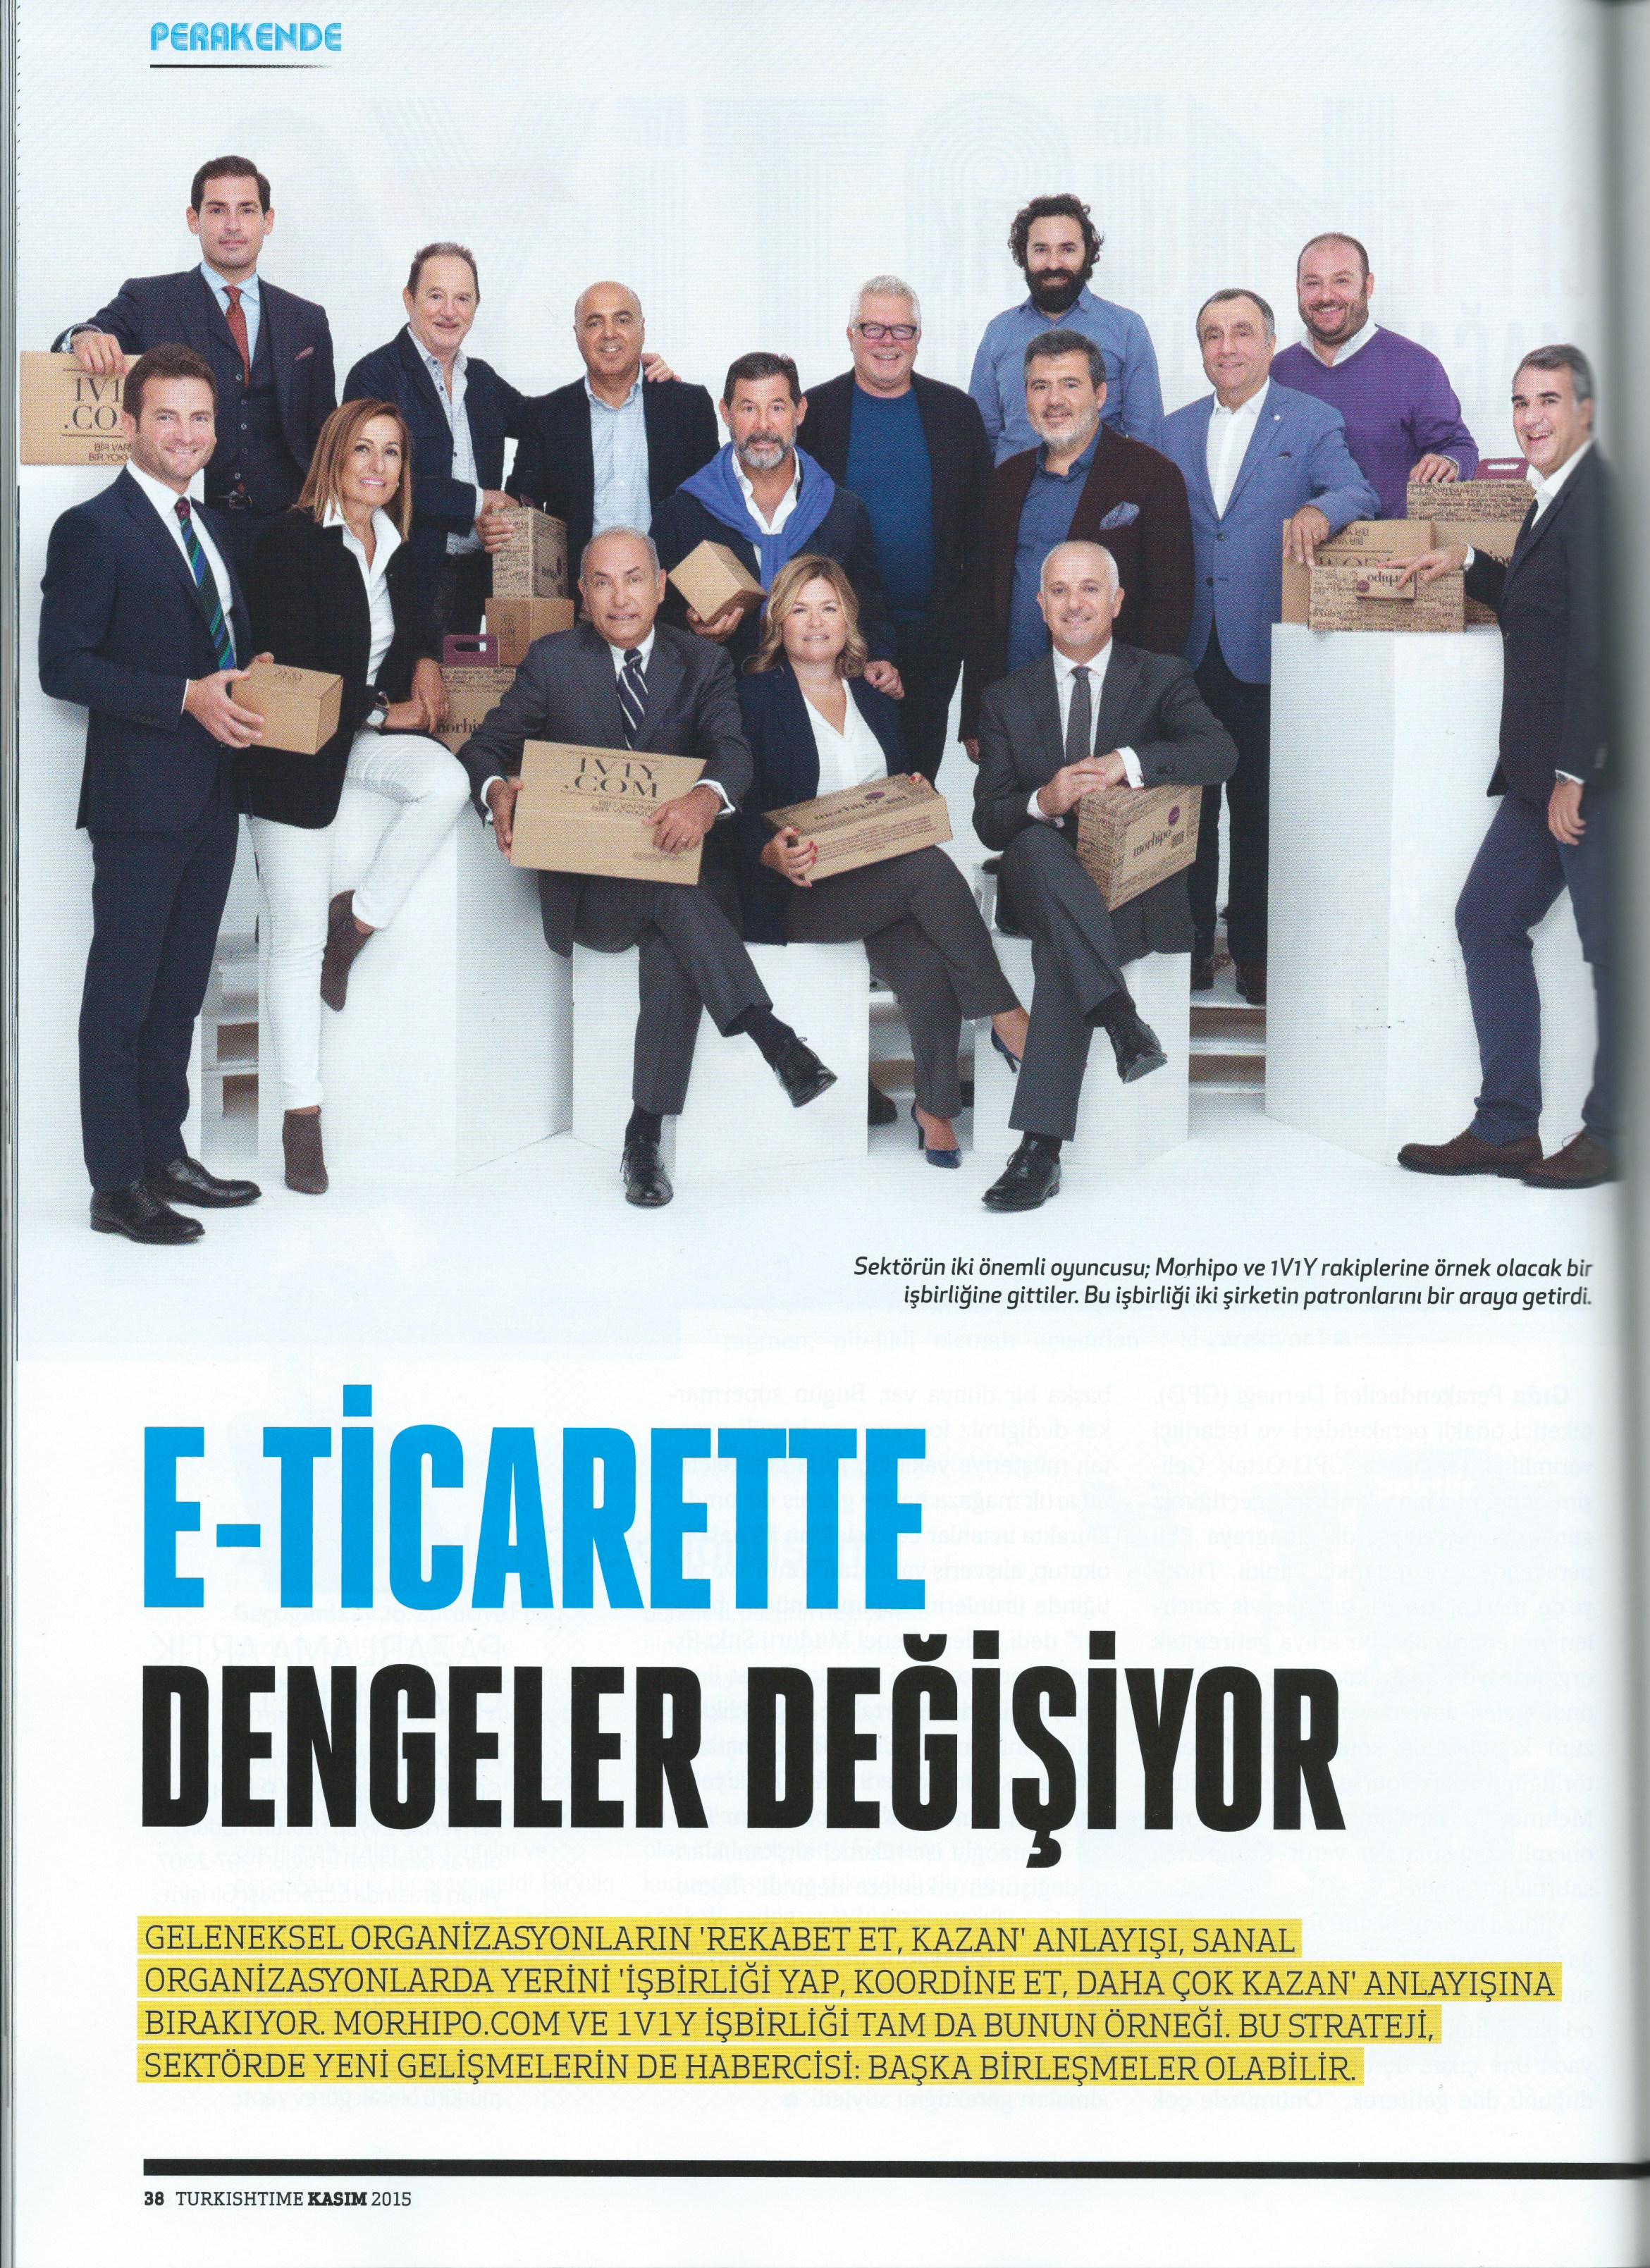 2015_11_TurkishTime_Eticaret_01.jpg